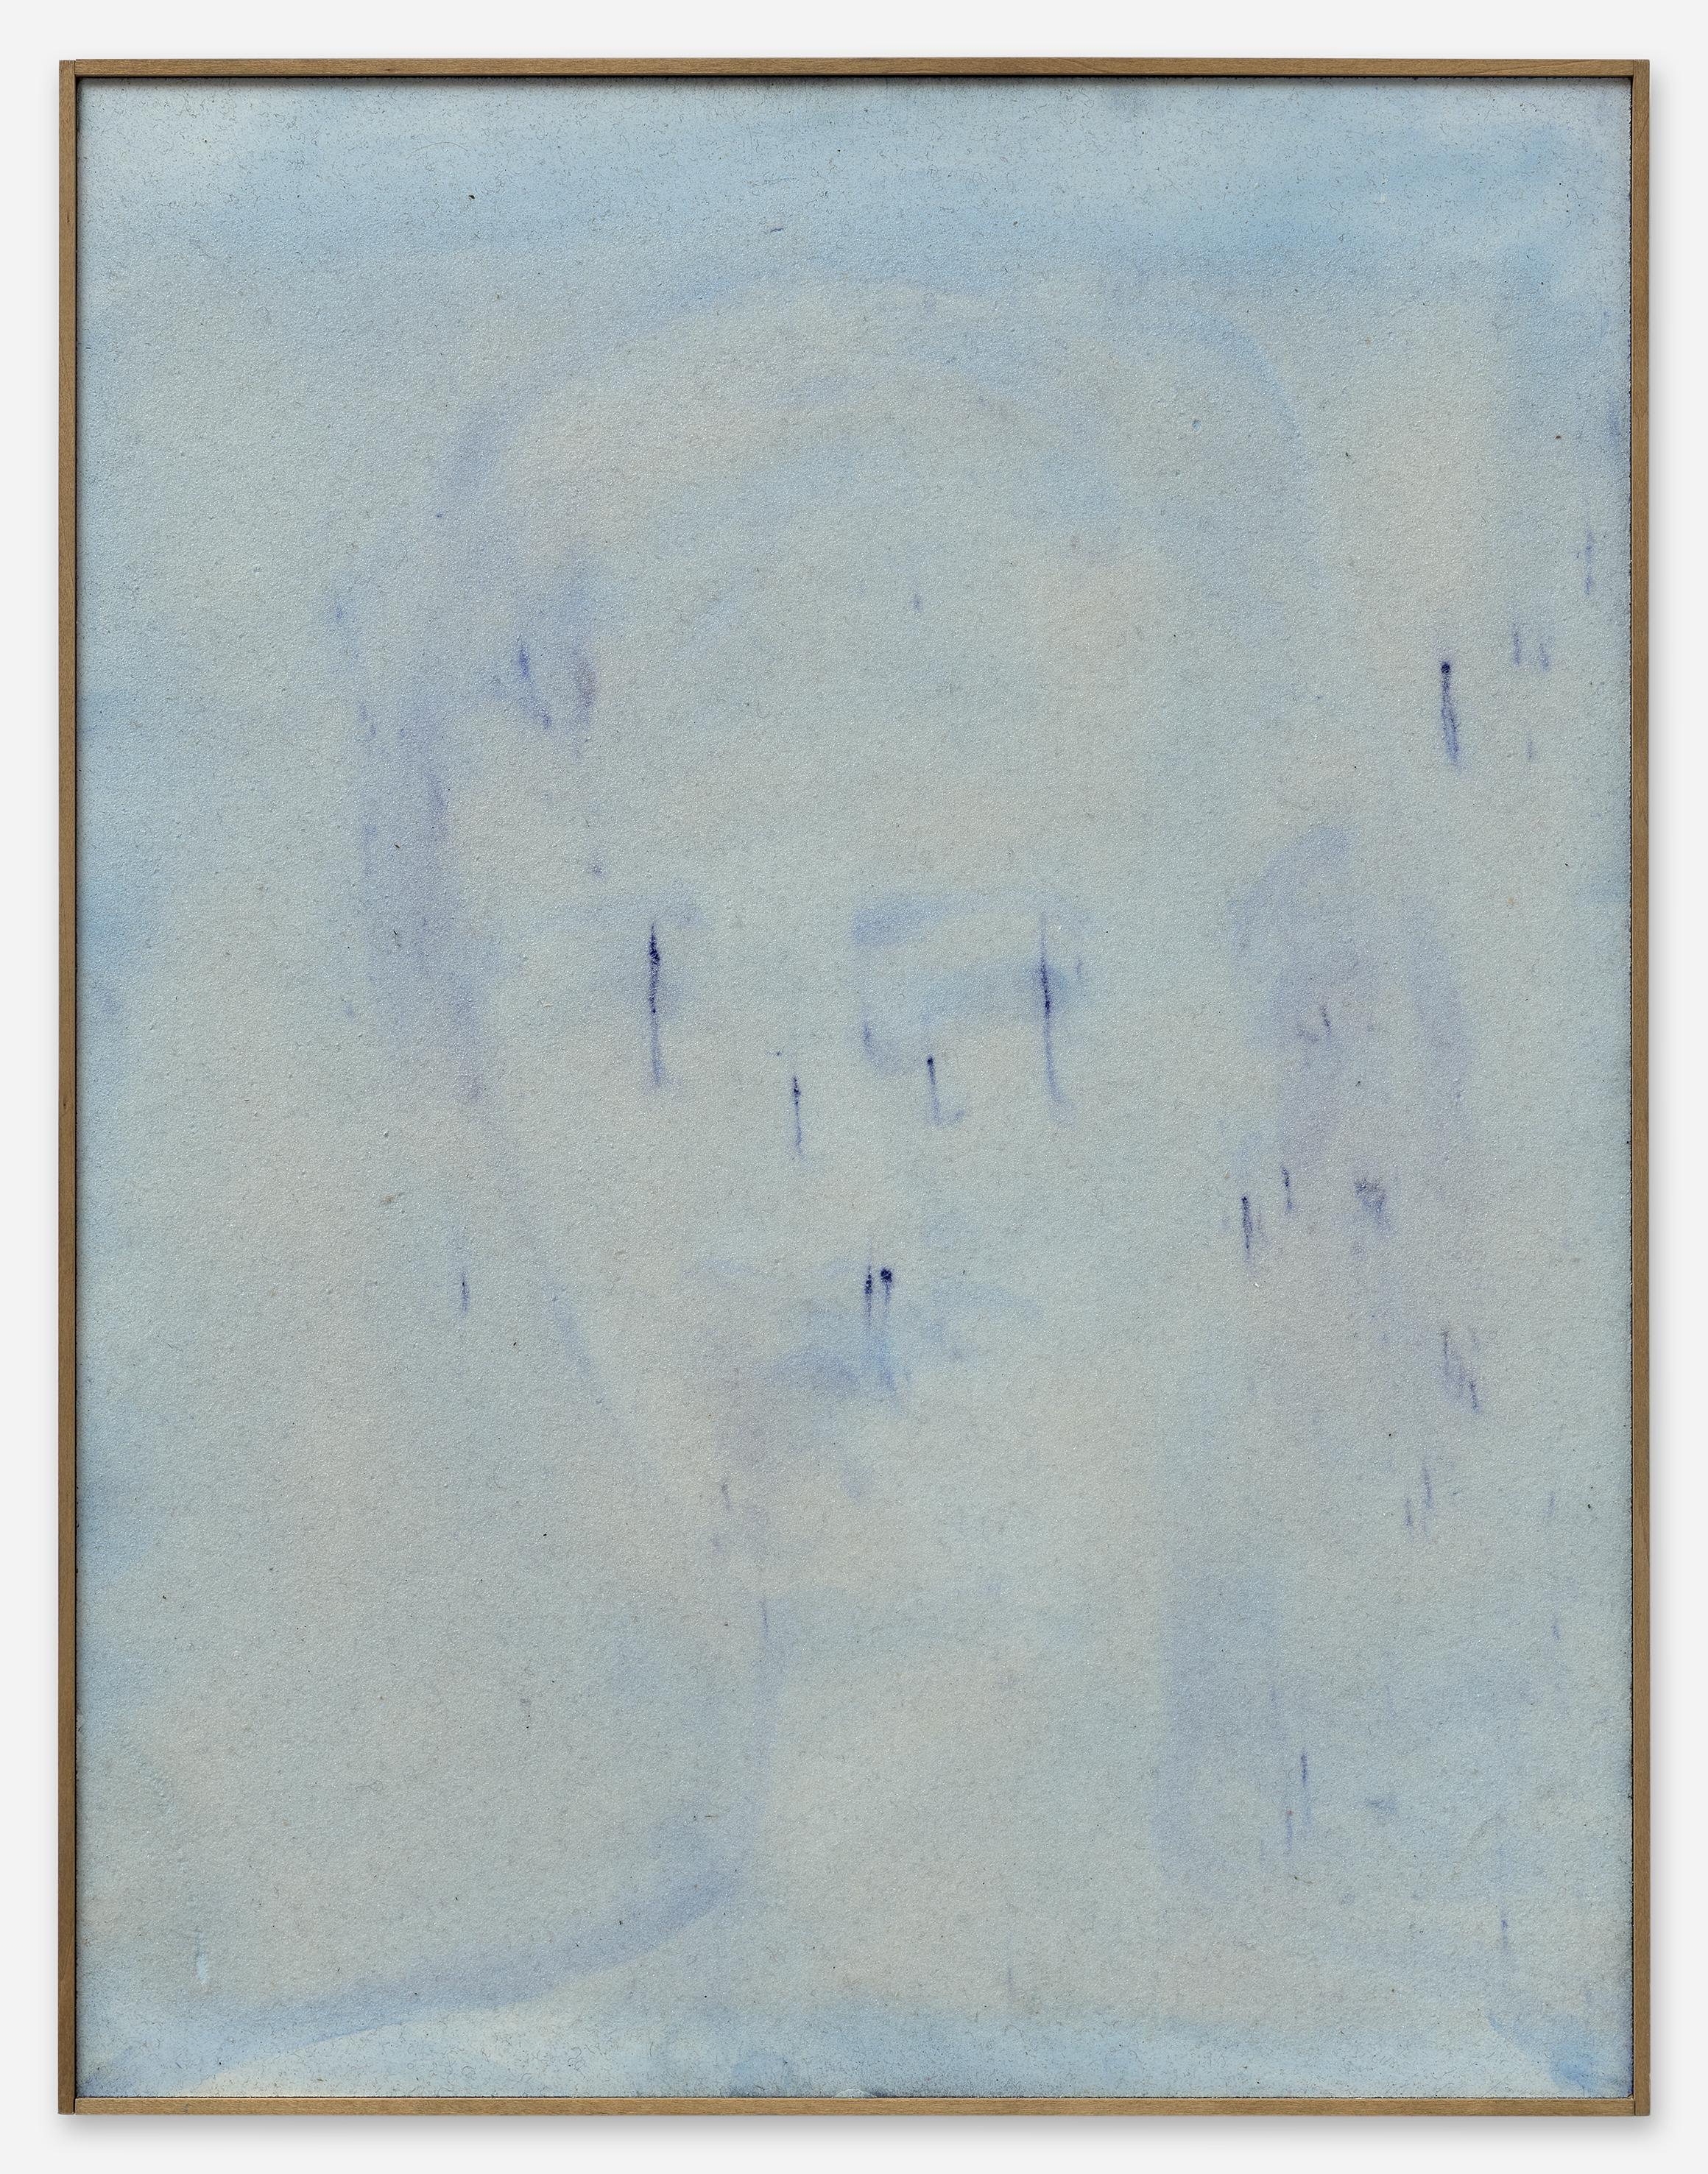 Peter Böhnisch, Ohne Titel, 2018,40 x 52 cm, Edelkorund und Pigment auf MDF,  ©  Matthias Kolb